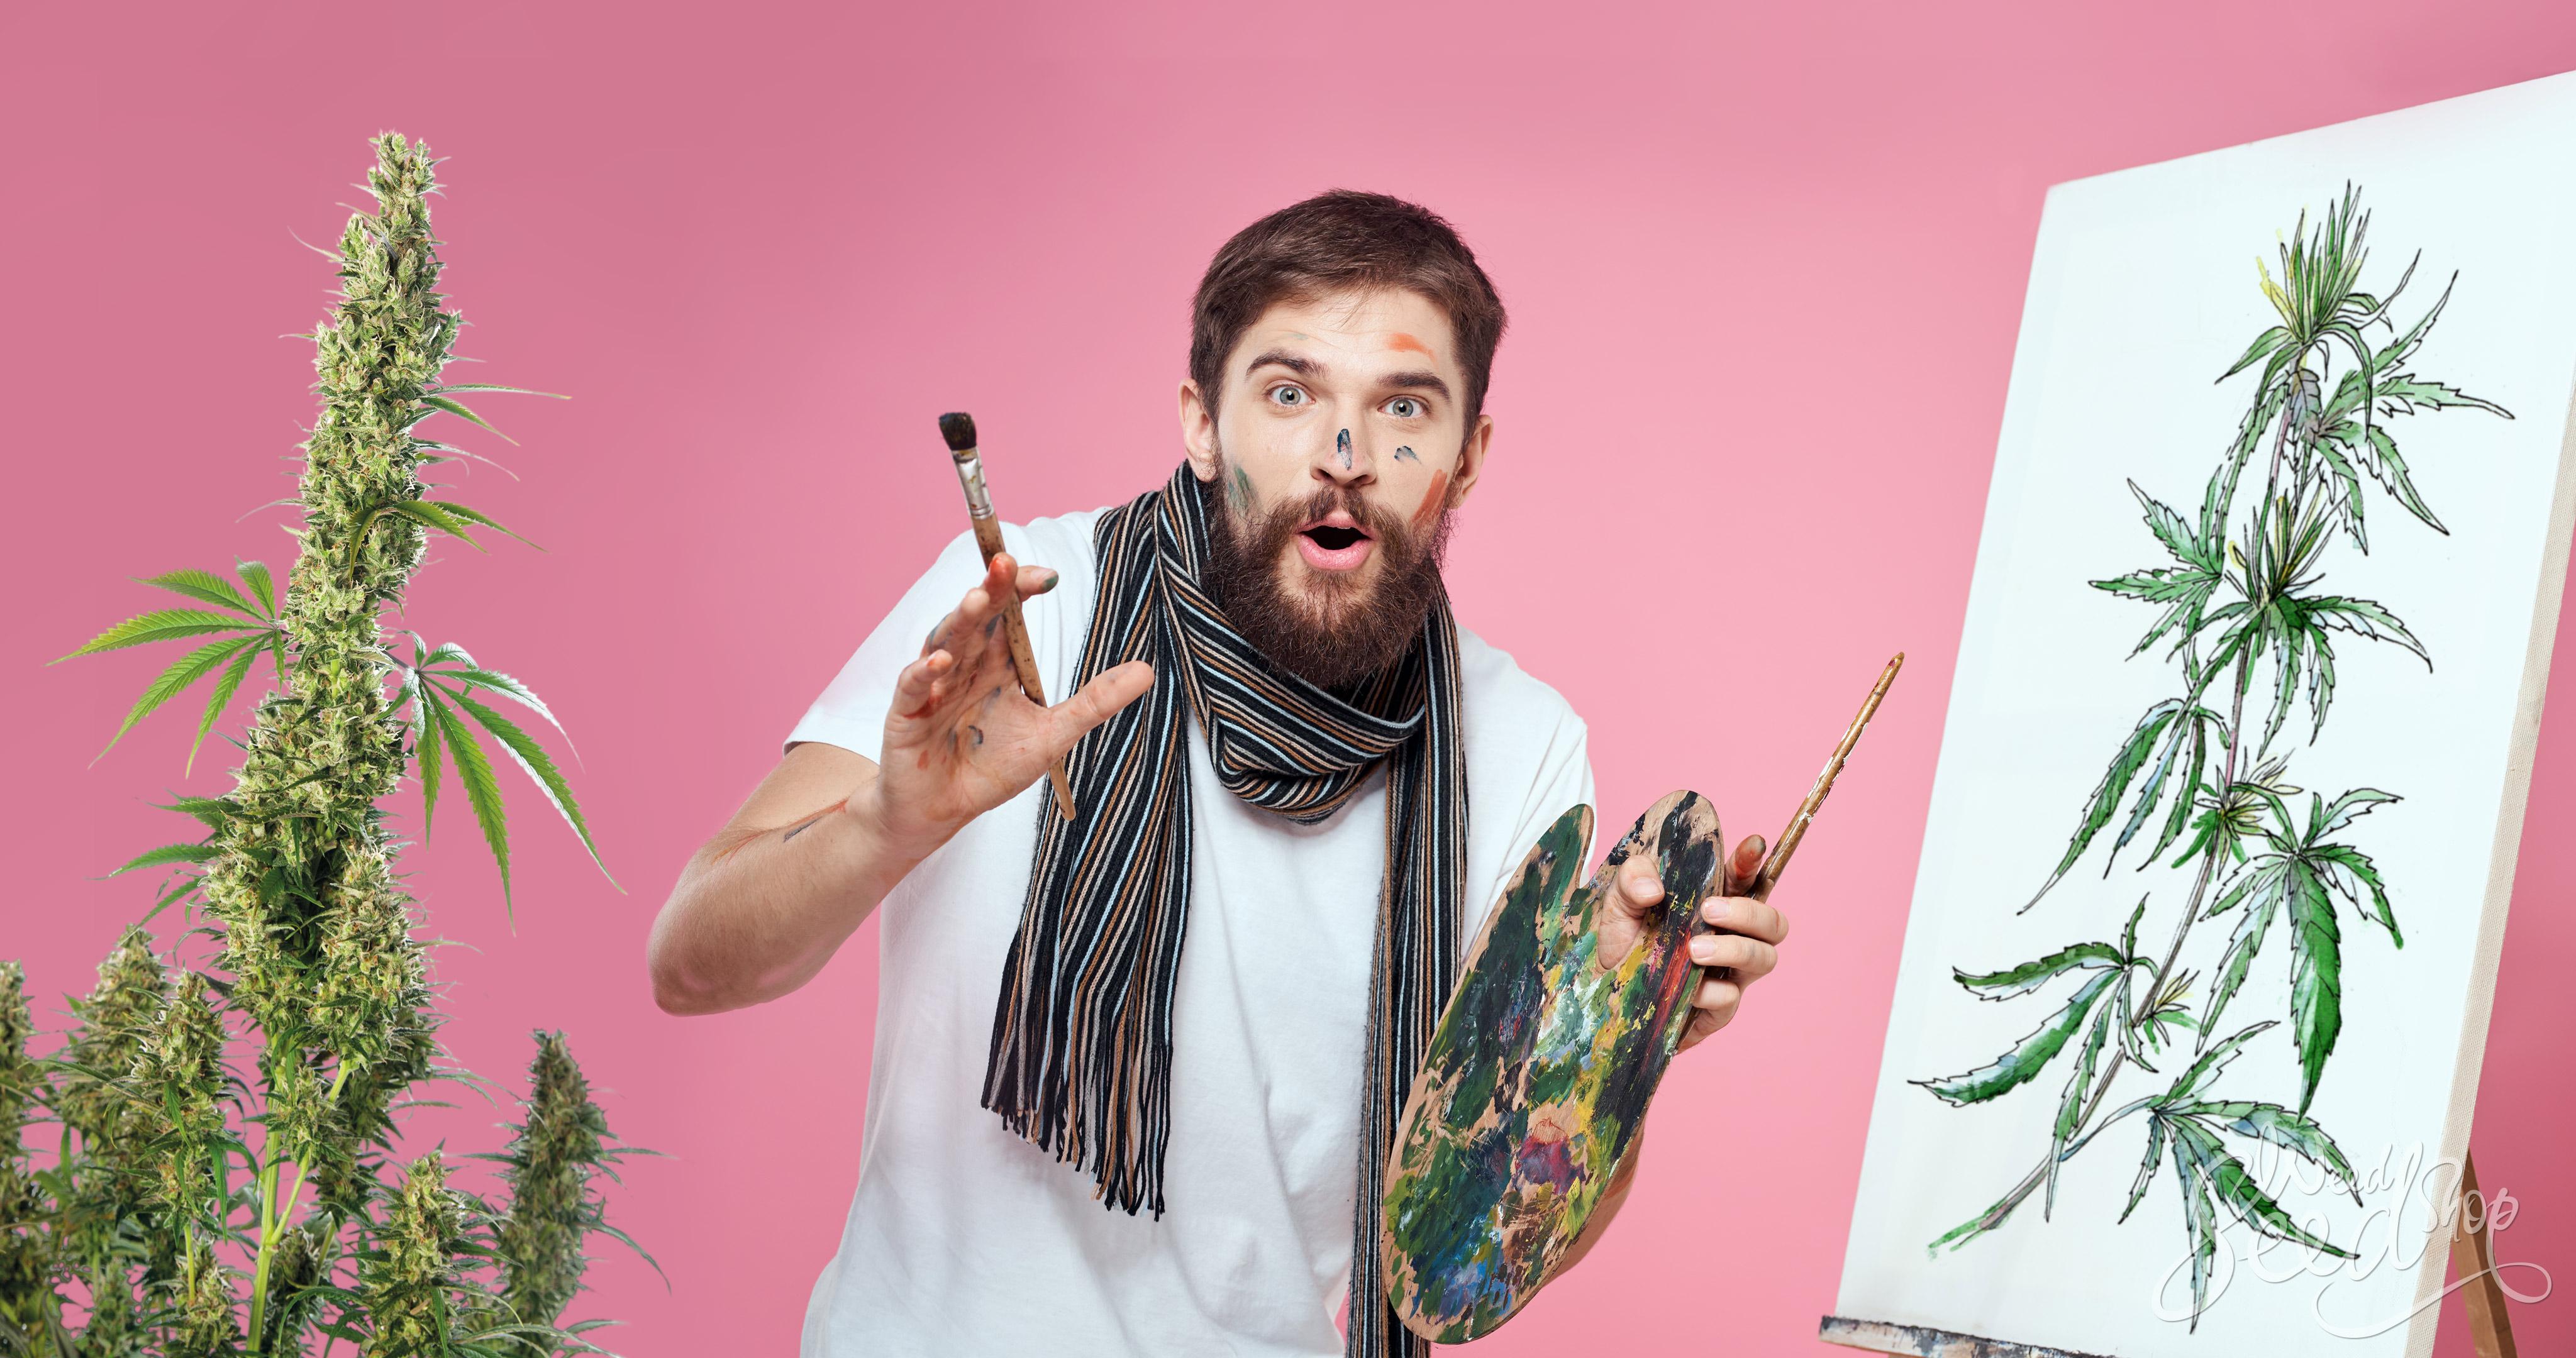 """¿Es solo una coincidencia que tantos músicos, artistas y emprendedores han admitido consumir cannabis? Hay un enorme número de famosos genios creativos y decoradores que afirman que el cannabis hace fluir su creatividad. ¿Cuánta verdad hay en ello? La mayoría de nosotros que hemos tenido experiencia con la marihuana inclusive podemos testificar que nos da más pensamientos creativos, inclusive si no nos hace crear nuestra próxima obra maestra. La sospecha de que el cannabis juega un papel importante en la actividad del lado derecho del cerebro (de la cual Carl Sagan habla detalladamente en su libro: Los dragones del Edén) podría estar justificada. Y sí, el lado derecho del cerebro es el lado más creativo. Algunos investigadores científicos sugieren que aunque factores como la dosis y la potencia de la hierba juegan un rol importante en ello, podría ser cierto. Para aquellos cuya exploración de sustancias va más allá de la marihuana, no podría ser una idea demasiado descabellada de que la creatividad aumente después consumir cannabis. Los humanos antiguos, como los egipcios y nativos americanos, eran aficionados a las substancias psicodélicas y la creación de arte. Pero antes de que los entusiastas de la marihuana se emocionen mucho sobre este potencial, los científicos dicen que las dosis demasiado altas en realidad podrían contrarrestar la creatividad. Así que parece que quizás hay una dosis precisa donde la marihuana inspira la creatividad. ¡Investiguemos! El estudio británico Carl Sagan es uno de los muchos grandes pensadores que han reportado altos niveles de pensamiento después de consumir marihuana. Para él, no se trataba solo sobre la inspiración para crear. La marihuana parecía tener el poder de llevar a su mente afuera de los lugares donde normalmente iba, dando espacio para nuevos tipos de pensamientos. En la crónica sobre la marihuana de Sagan llamada El Sr. X, él dice: """"Me parece que la mayoría de los pensamientos que tengo cuando estoy drogado se tratan """